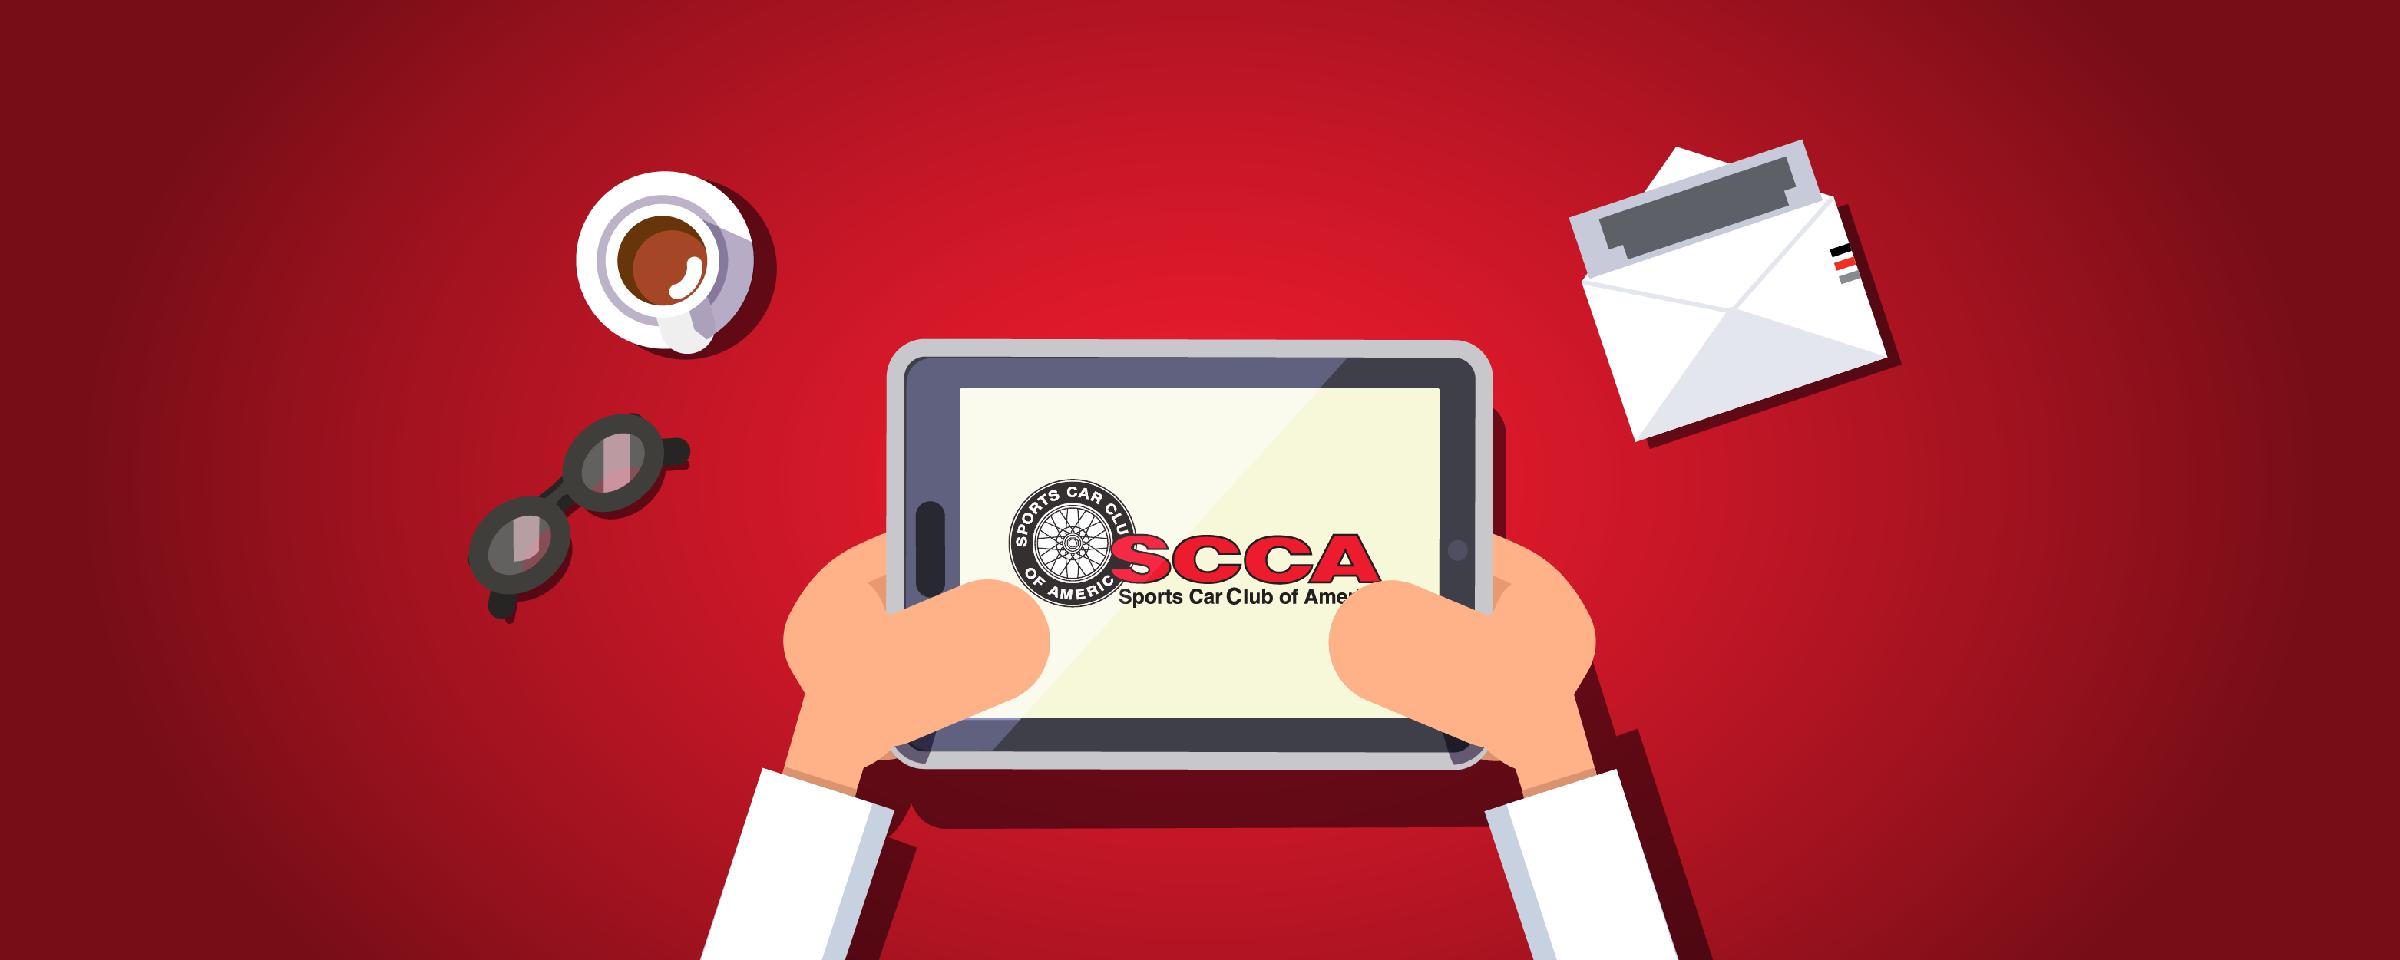 scca-digital